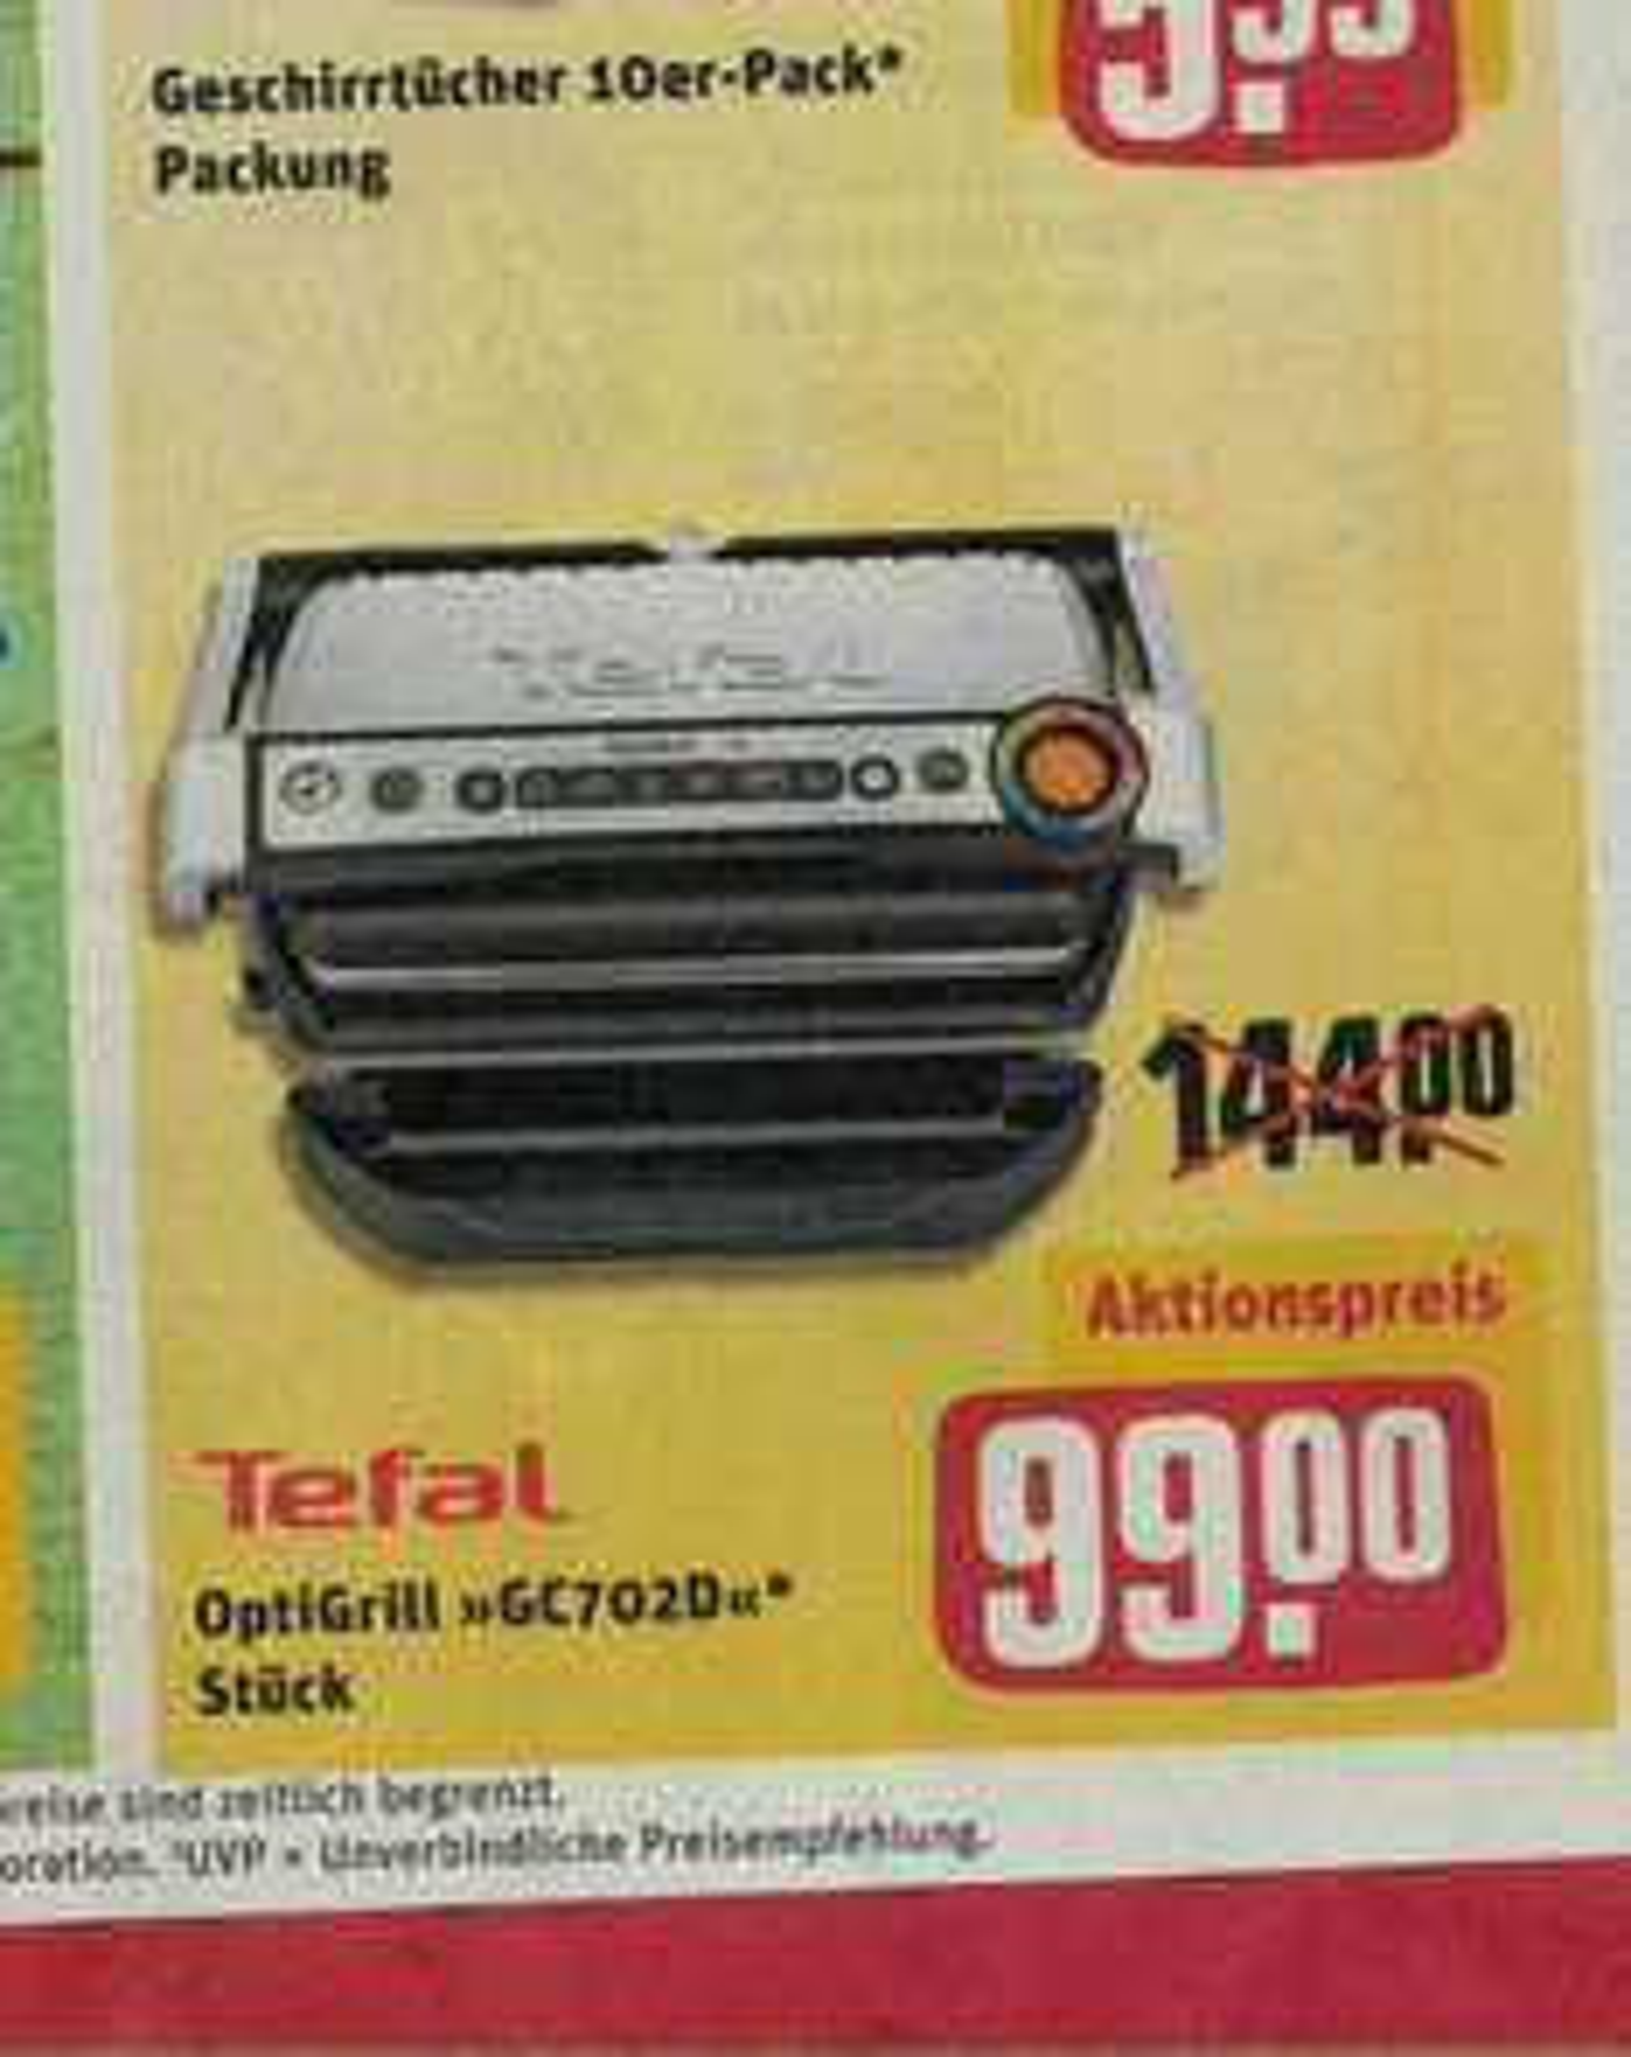 [Rewe - Dein Markt] TEFAL OptiGrill GC702D für sage und schreibe nur € 99.-